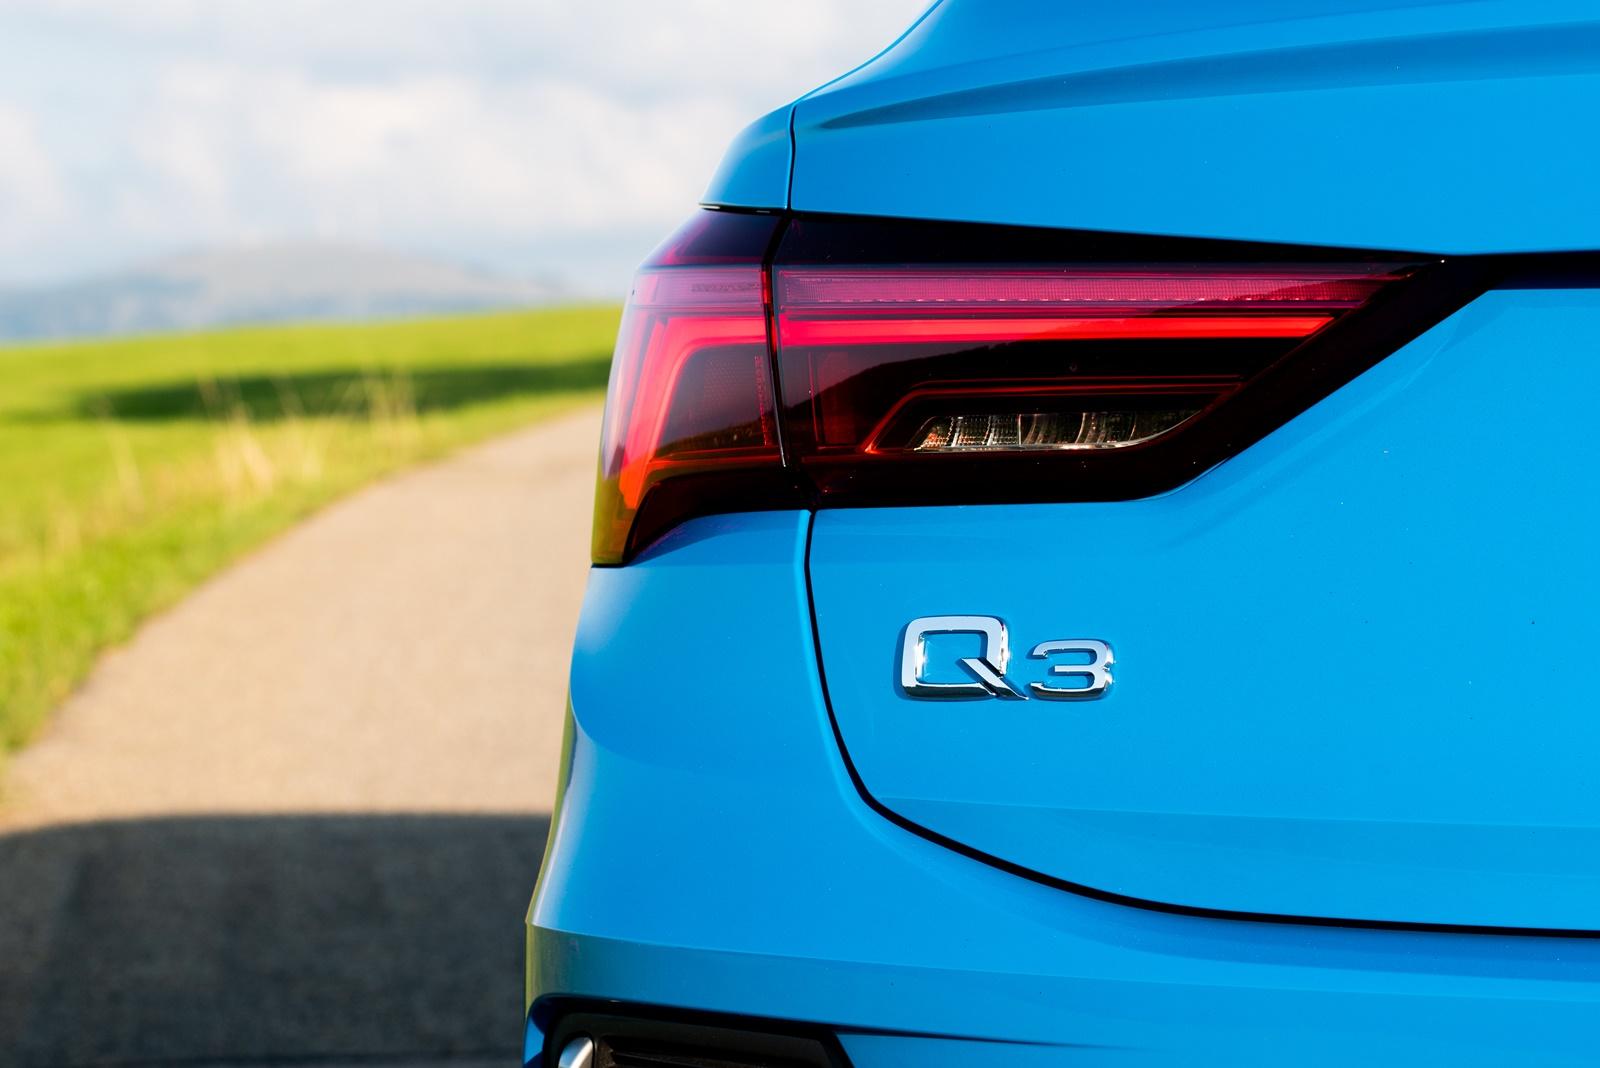 Audi-Q3-Sportback-40-TDI-Quattro-12